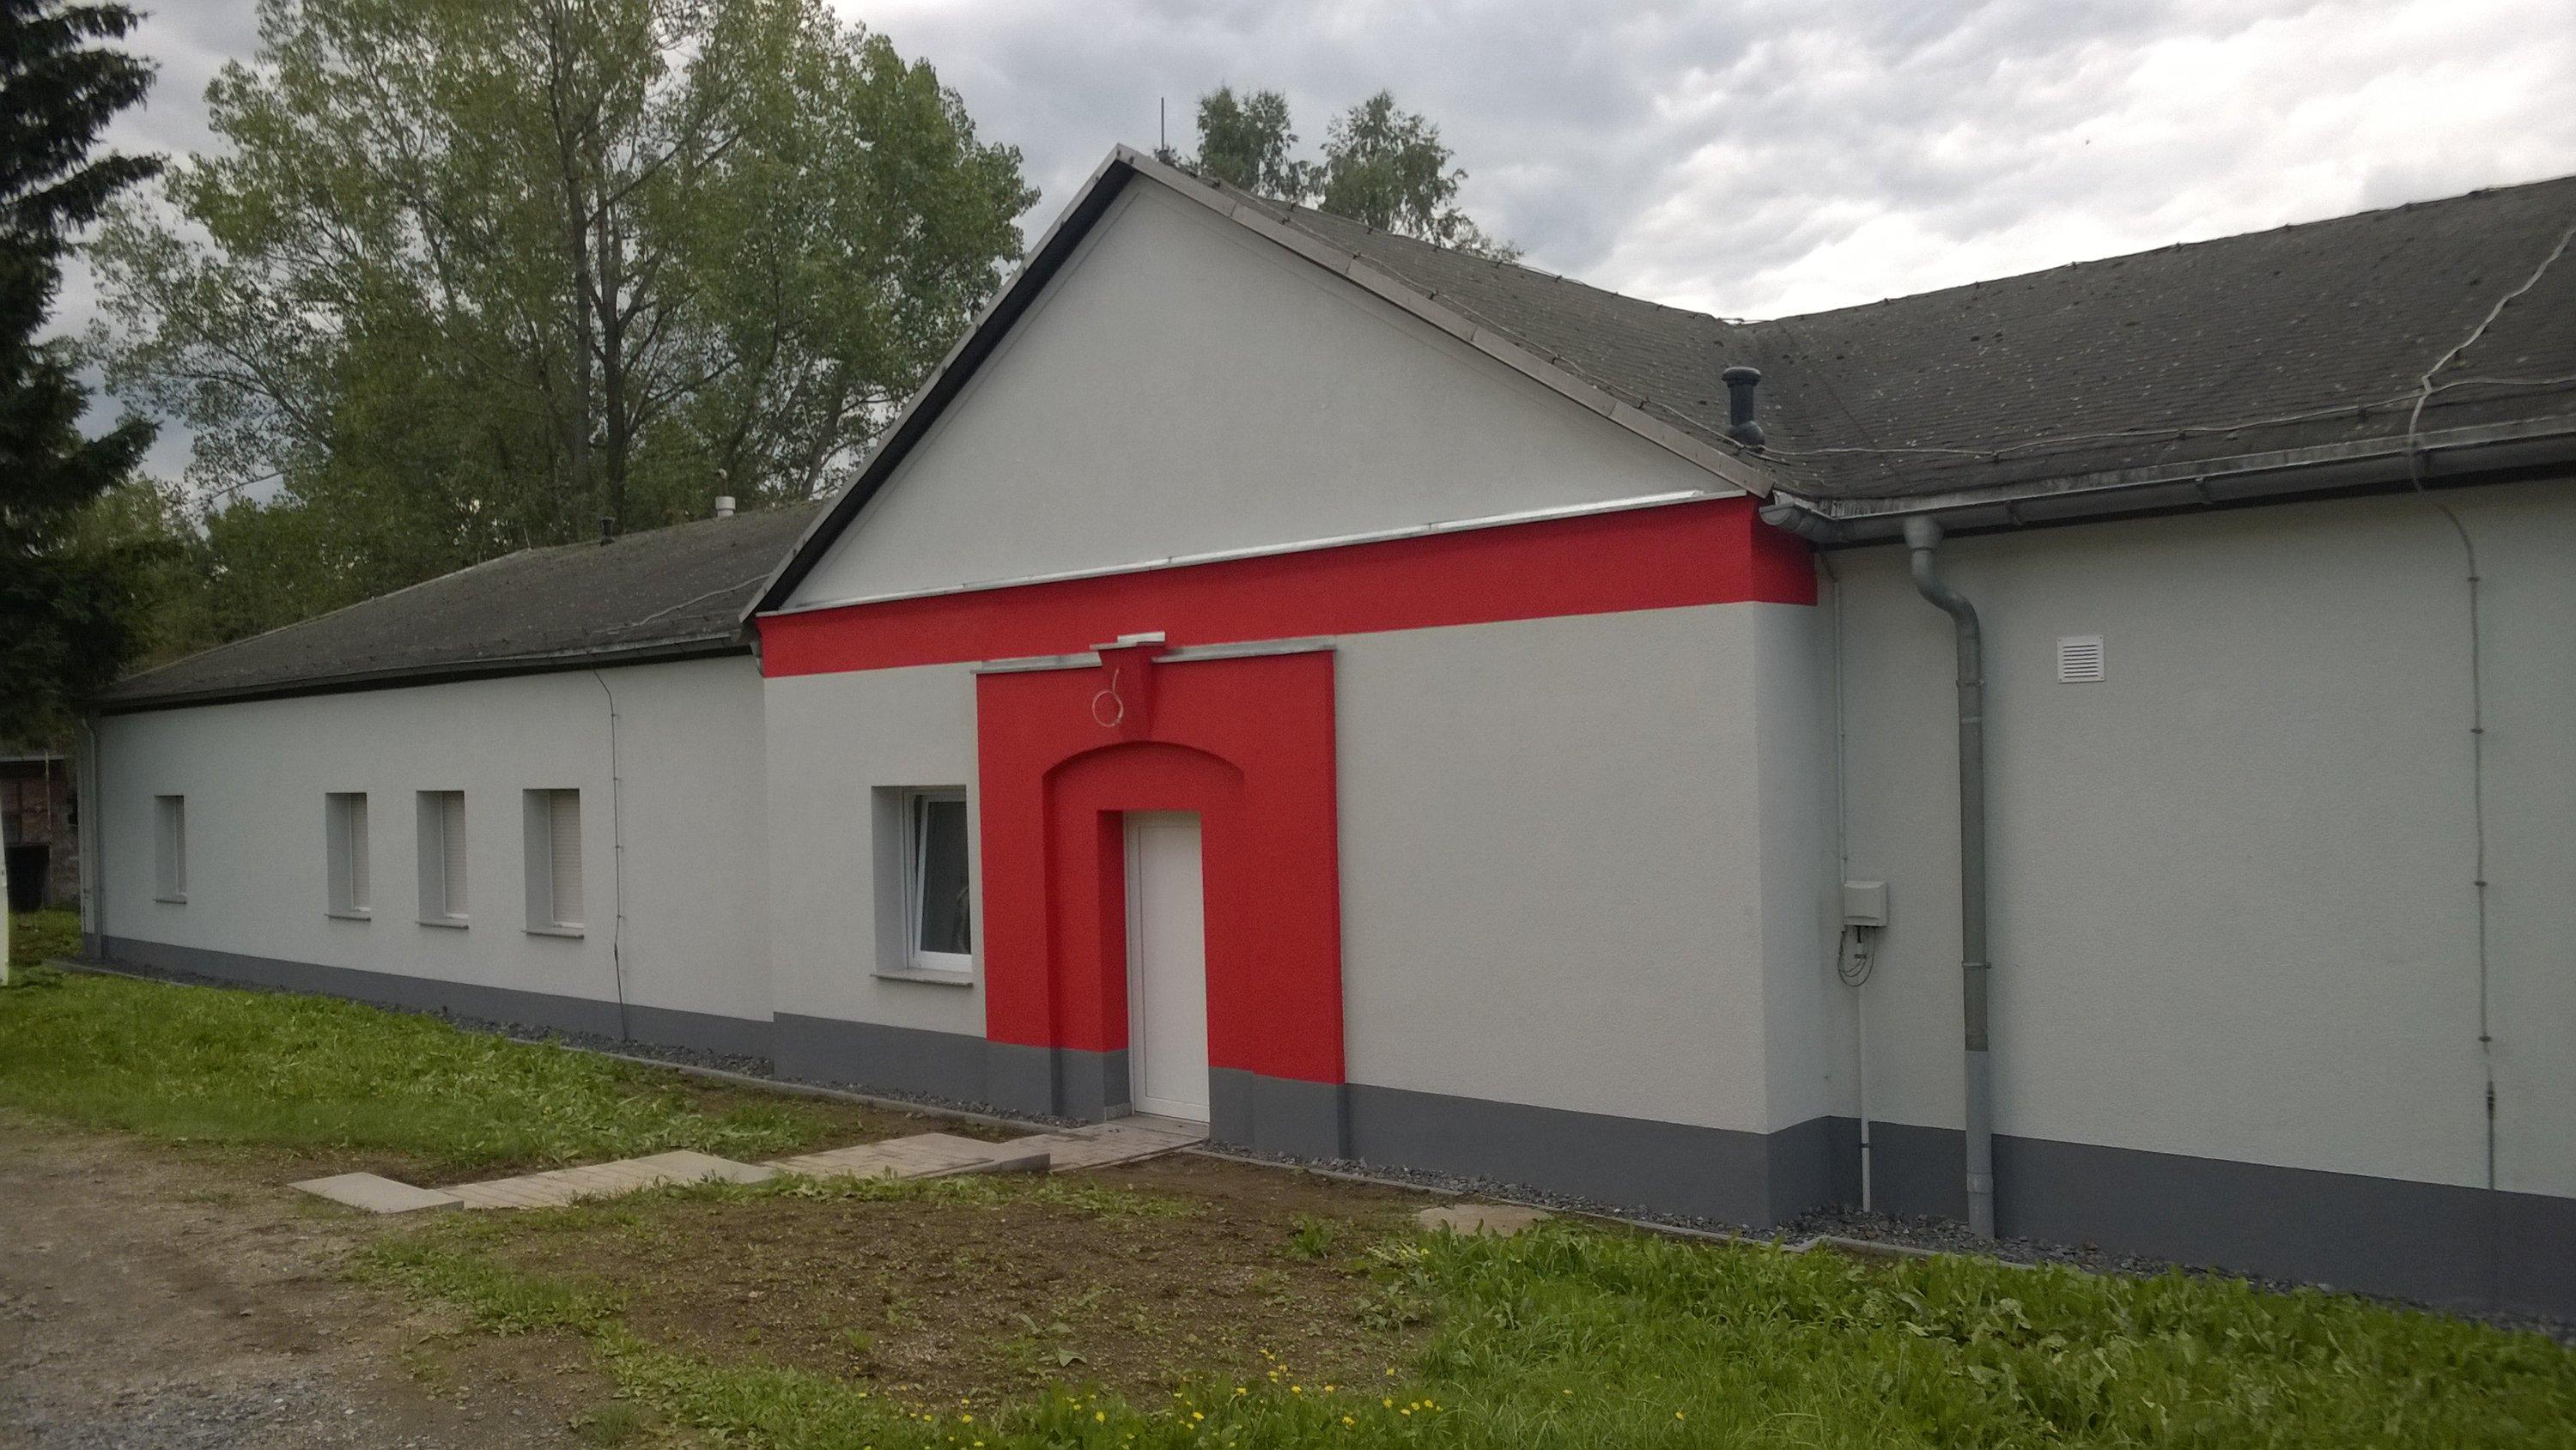 Fassadensanierung WDVS in Plauen - Nachher